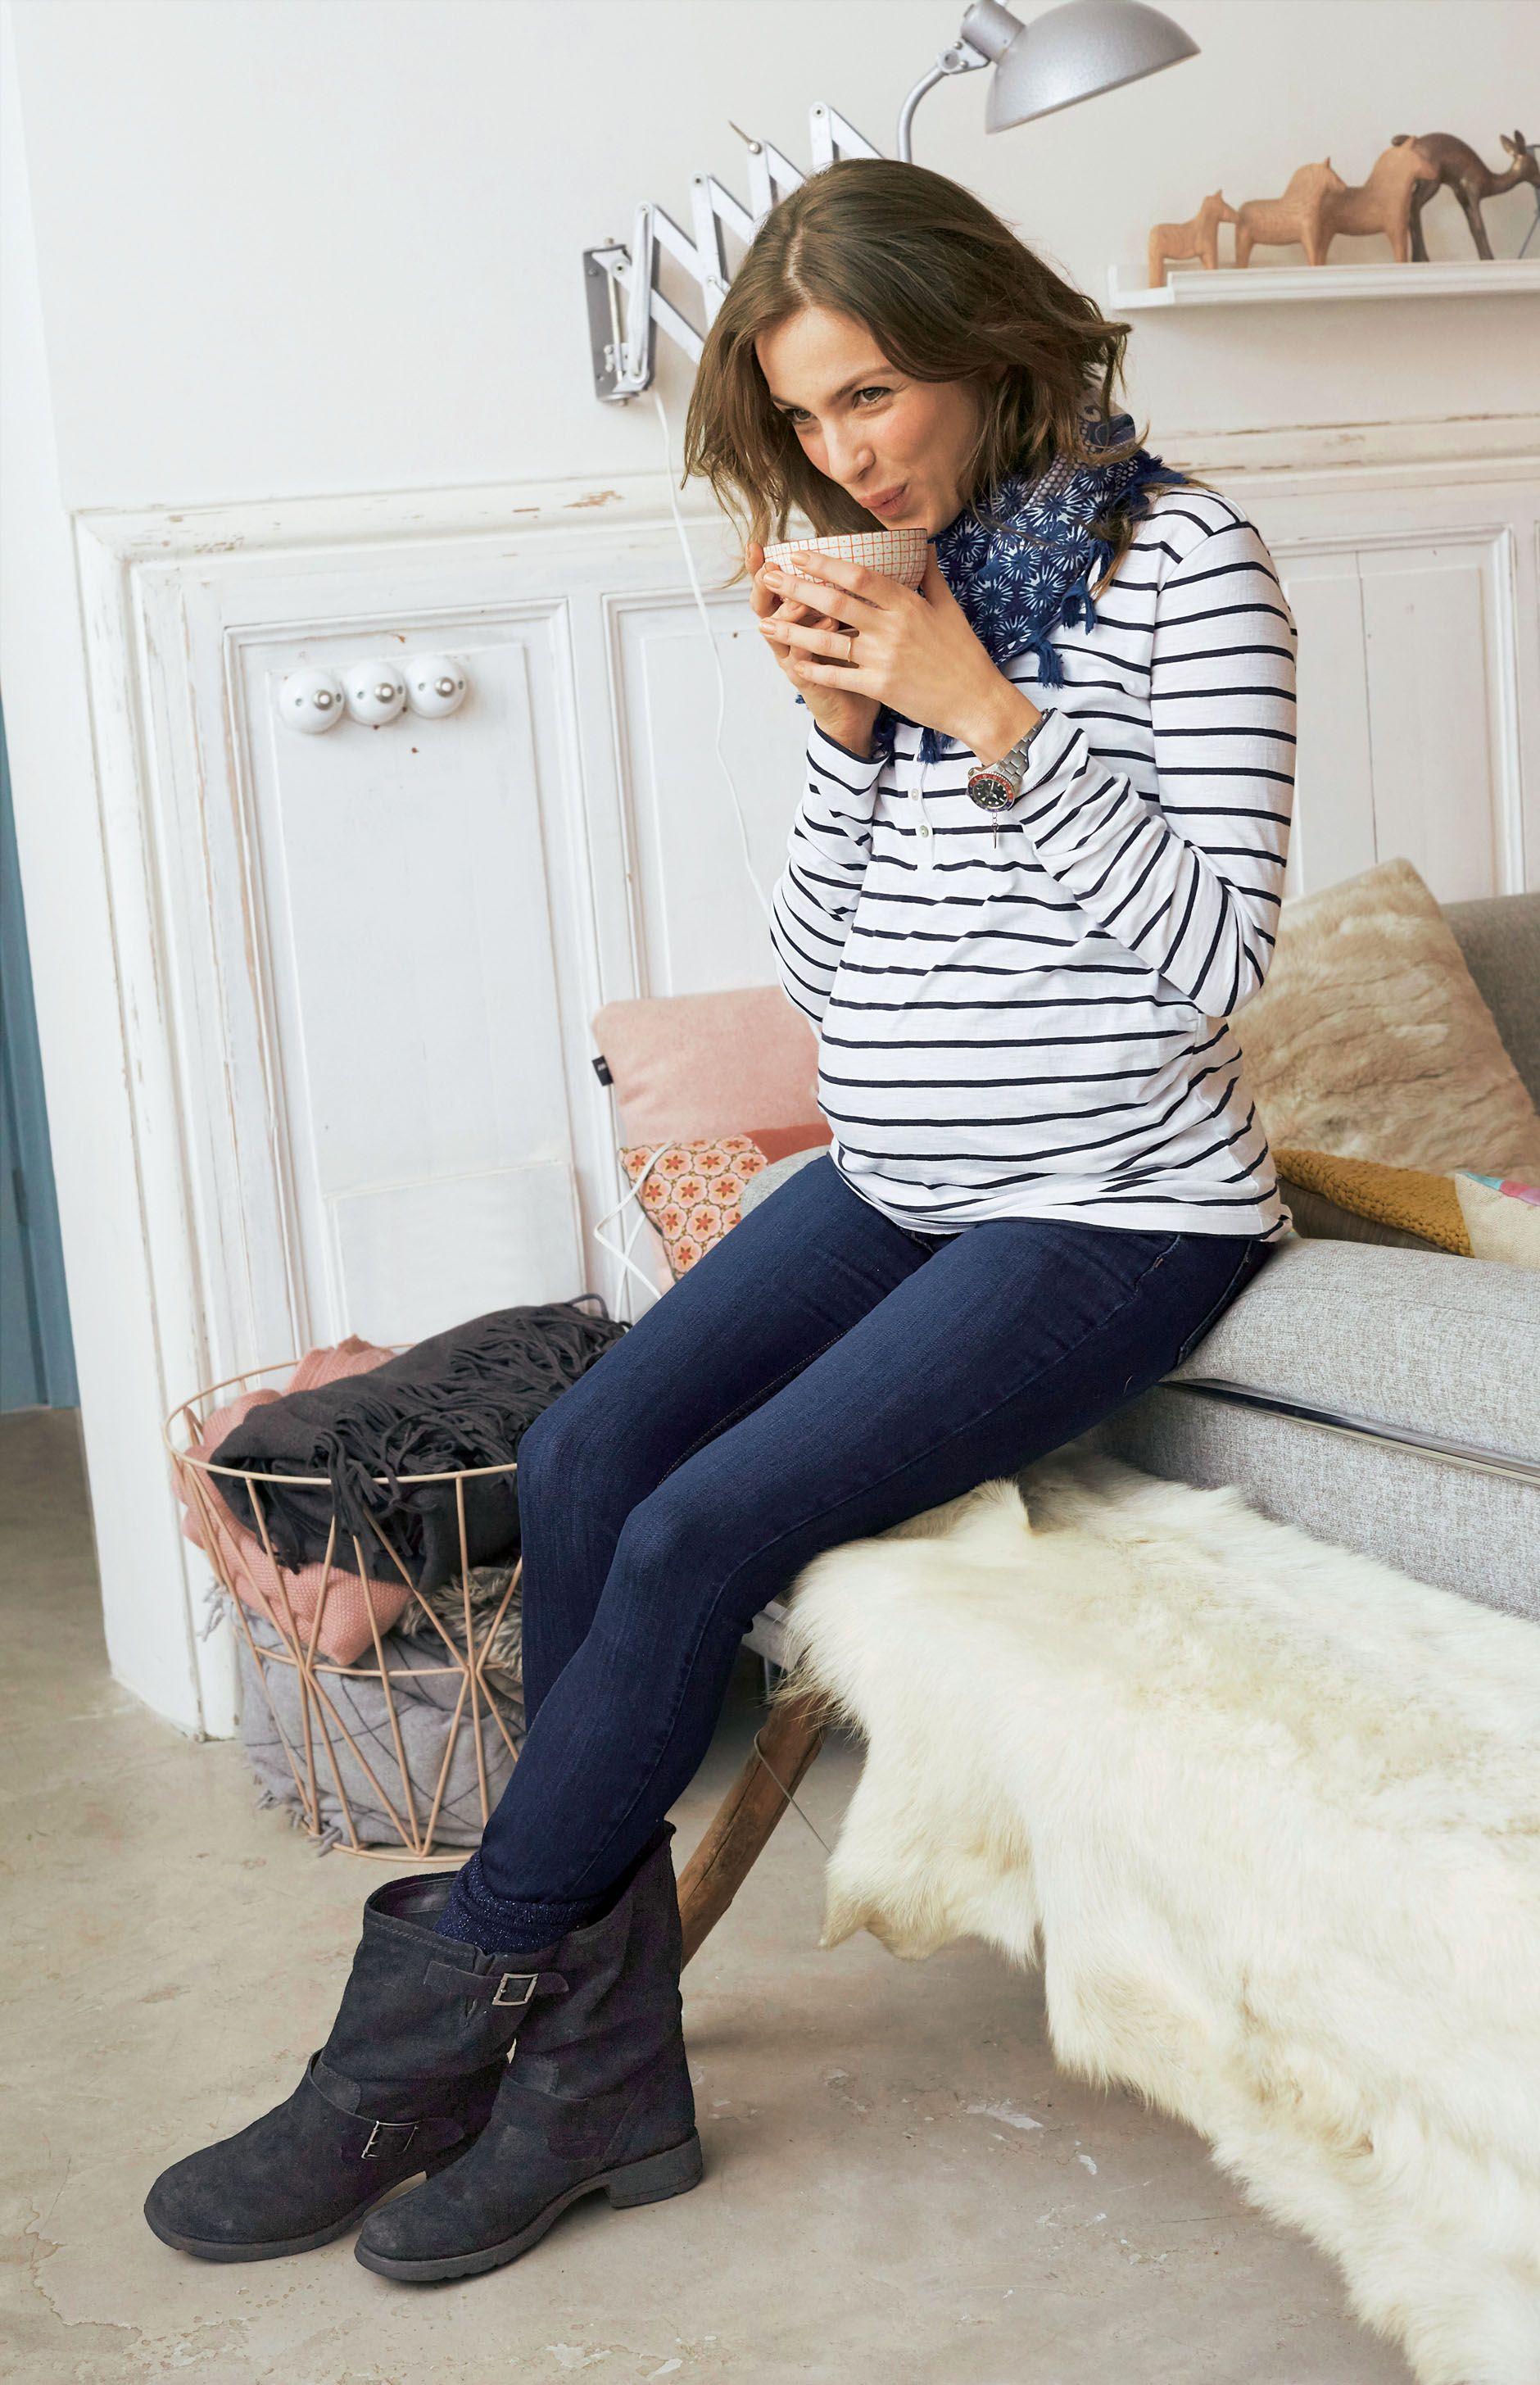 Recherche femme enceinte 2015